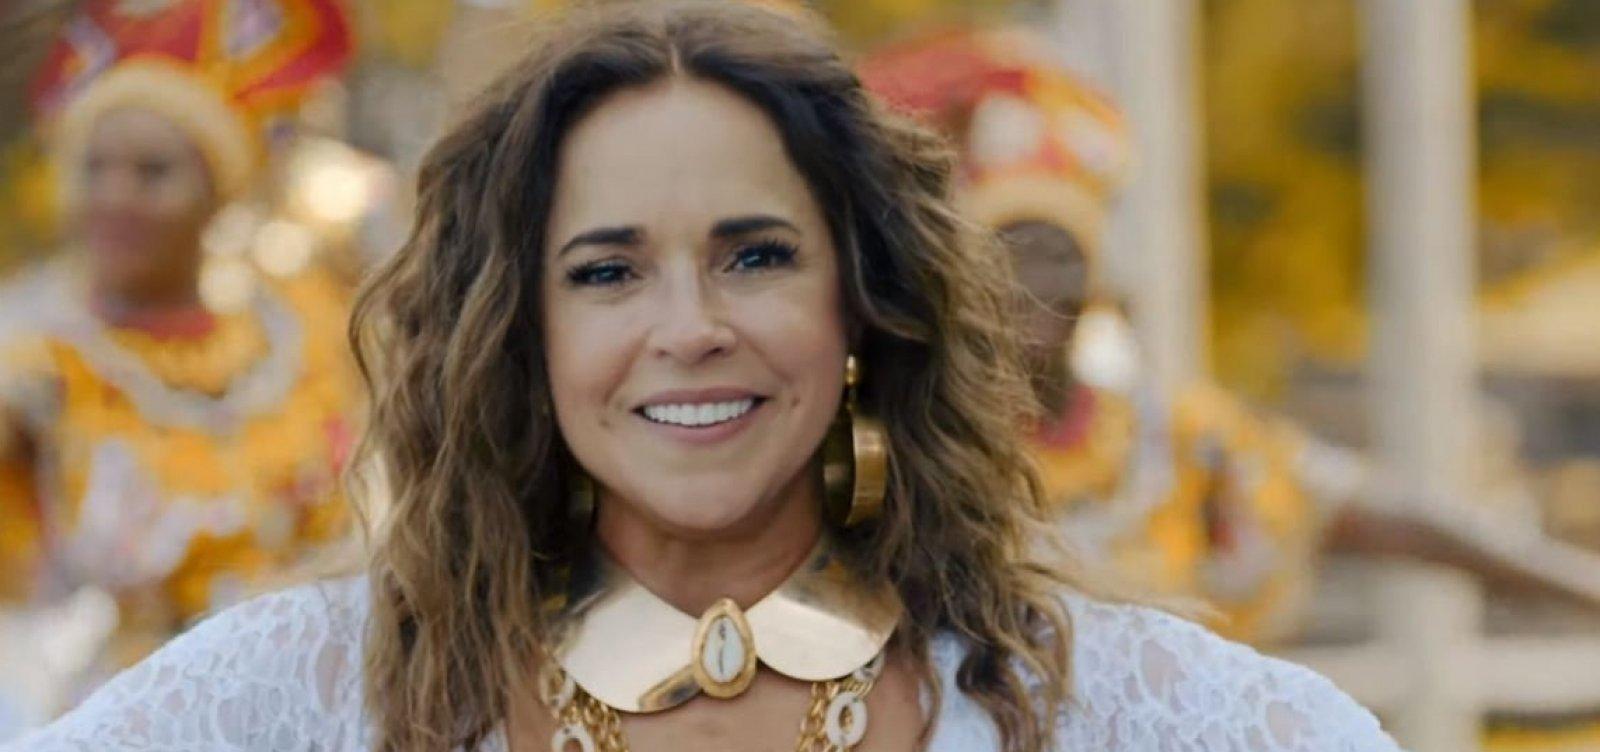 Daniela Mercury se inspira em Astrid Fontenelle e também oferece 'publis' para manter Itaú com Cine Glauber